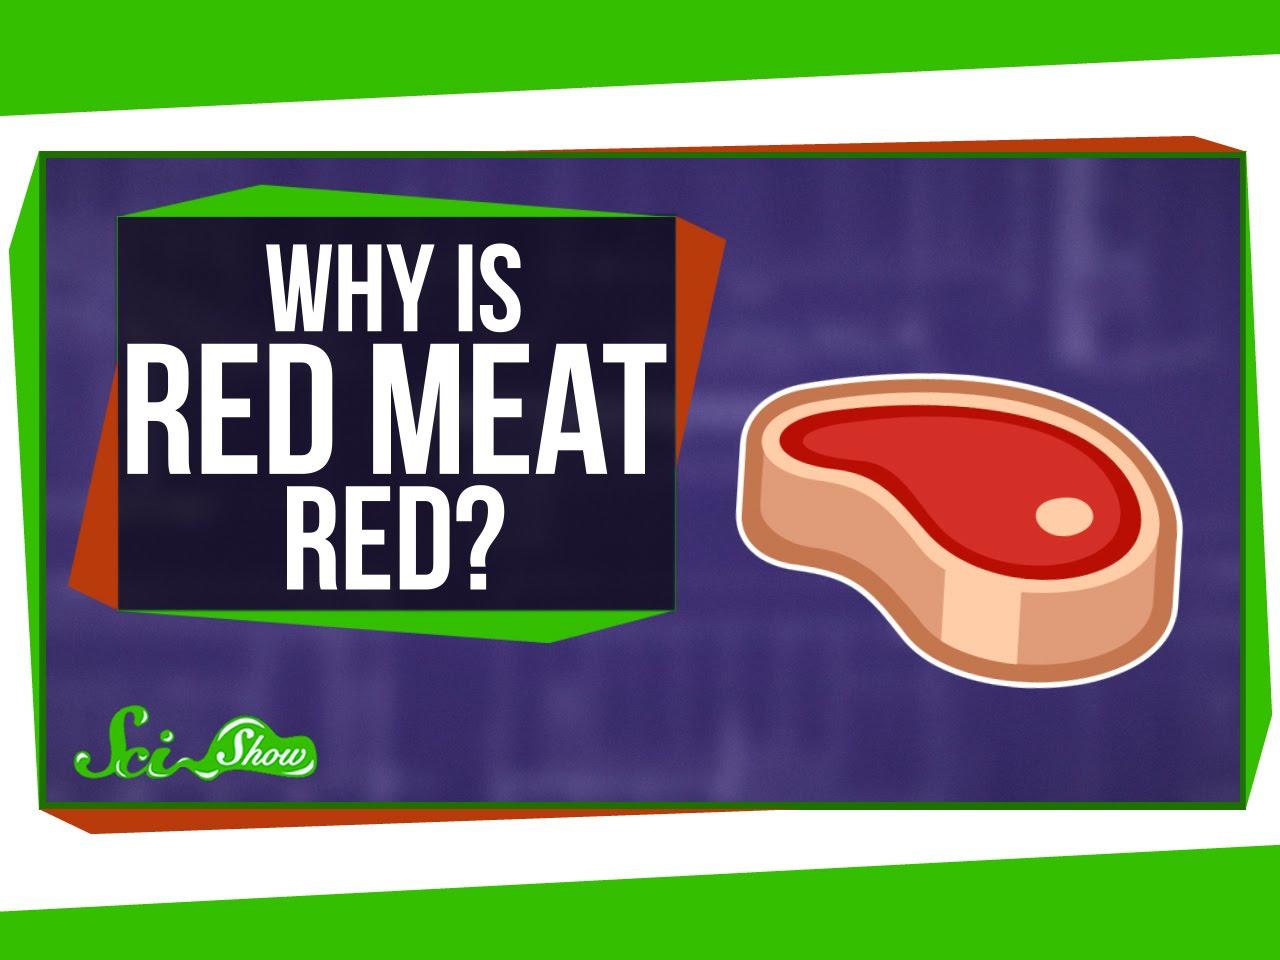 科學大哉問:為什麼紅肉是紅的?